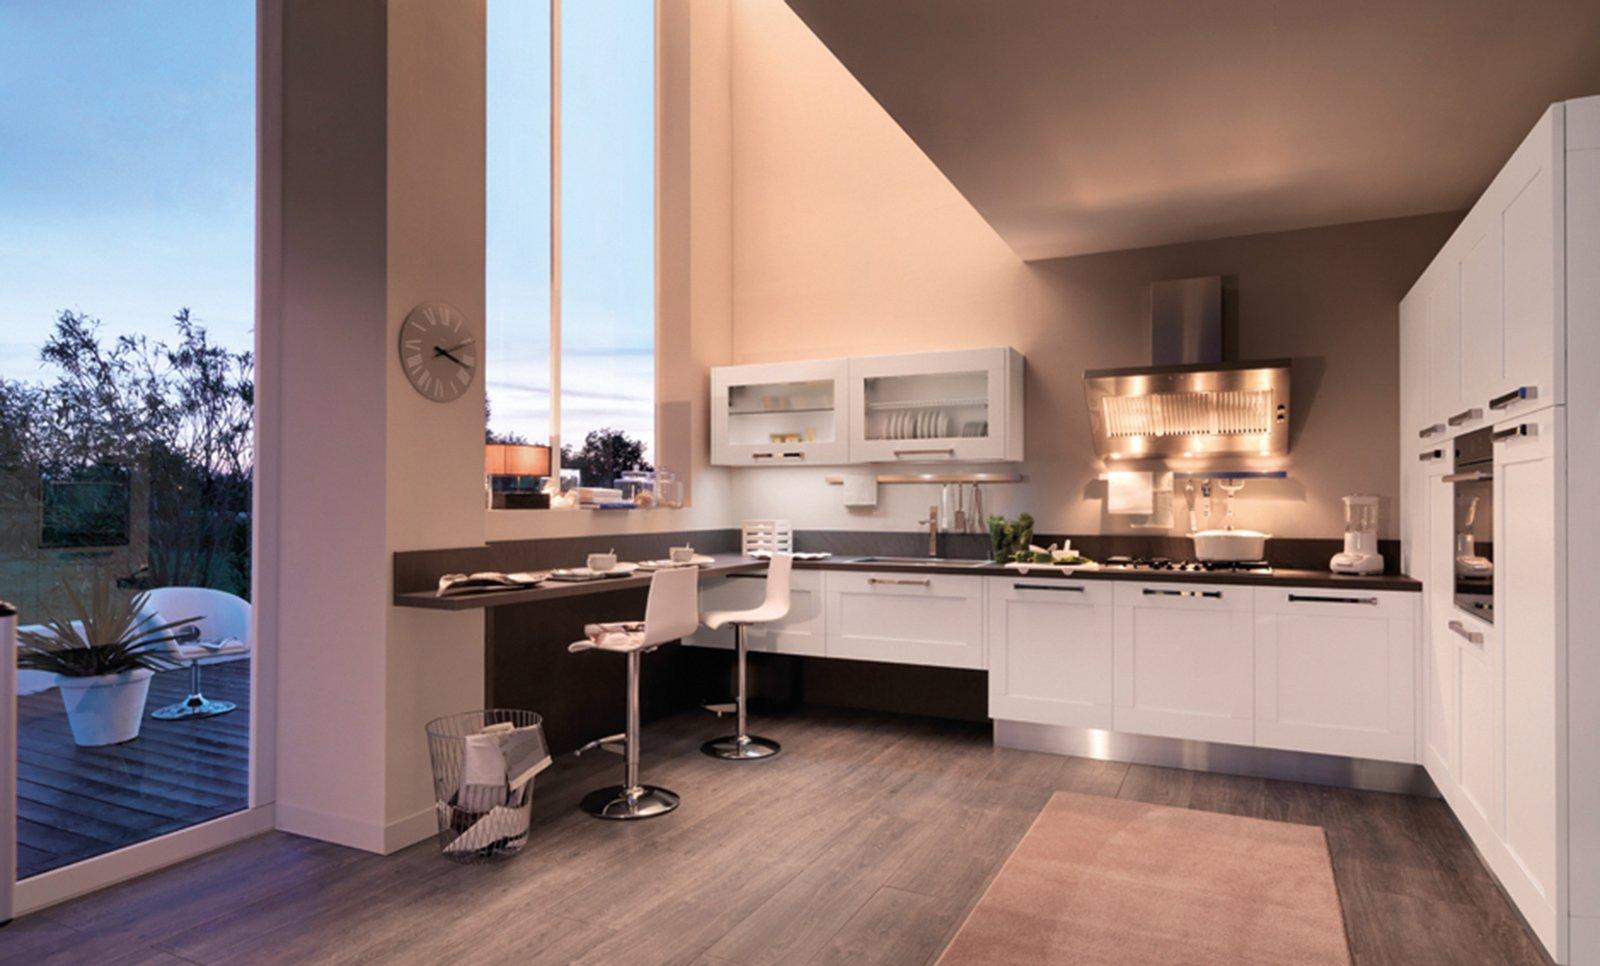 Cucina tante soluzioni per illuminarla cose di casa for Casa moderna total white